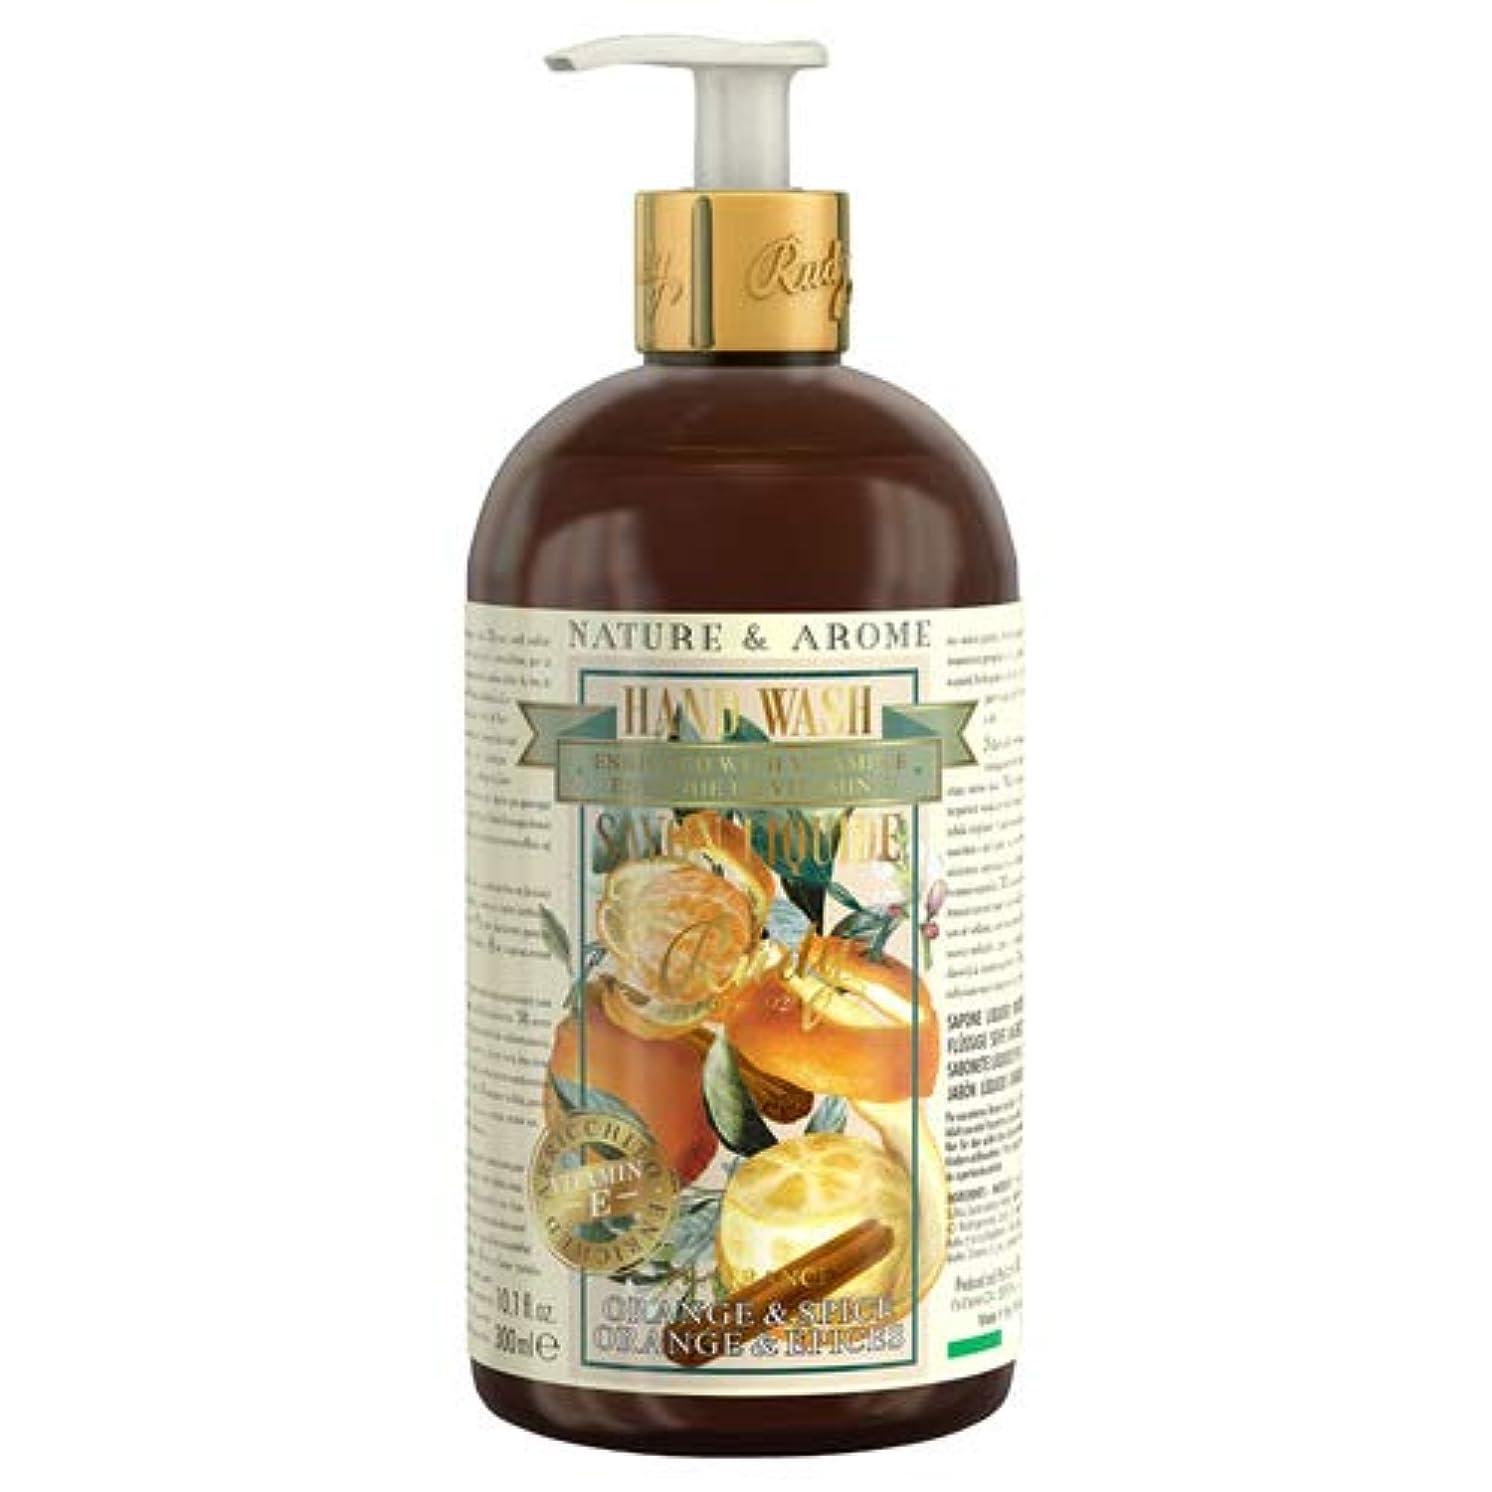 RUDY Nature&Arome Apothecary ネイチャーアロマ アポセカリー Hand Wash ハンドウォッシュ(ボディソープ) Orange & Spice オレンジ&スパイス